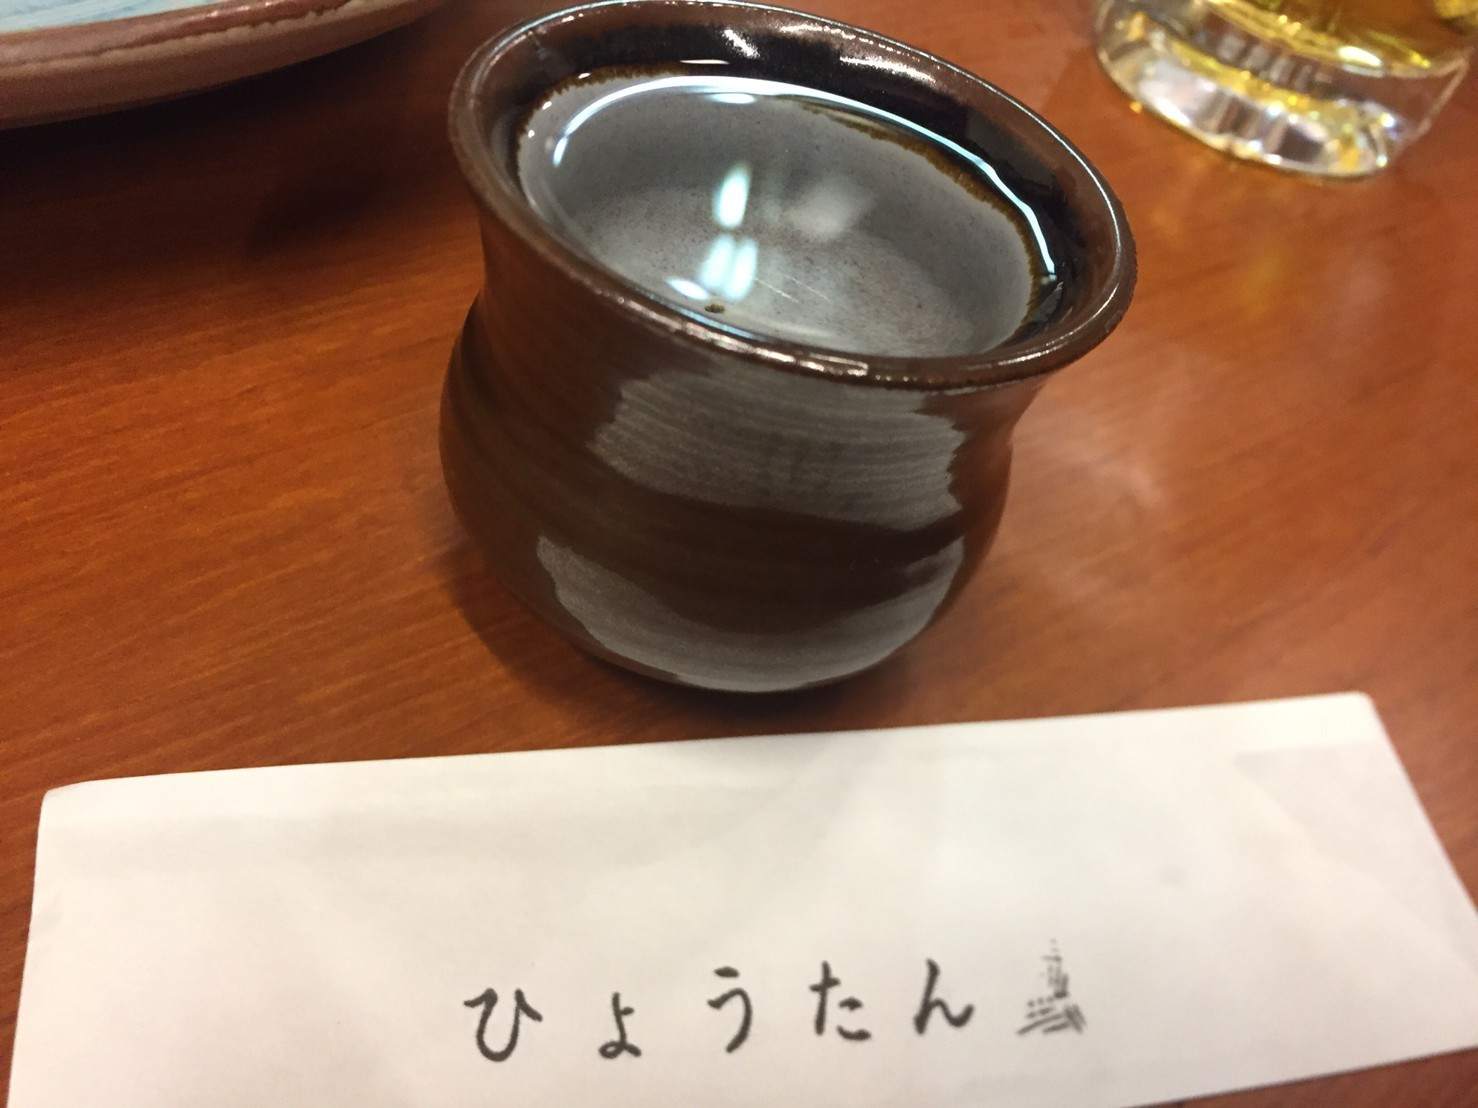 ひょうたん  (鳥取マラソン2019エイドスタッフ打ち上げ)_e0115904_22285154.jpg